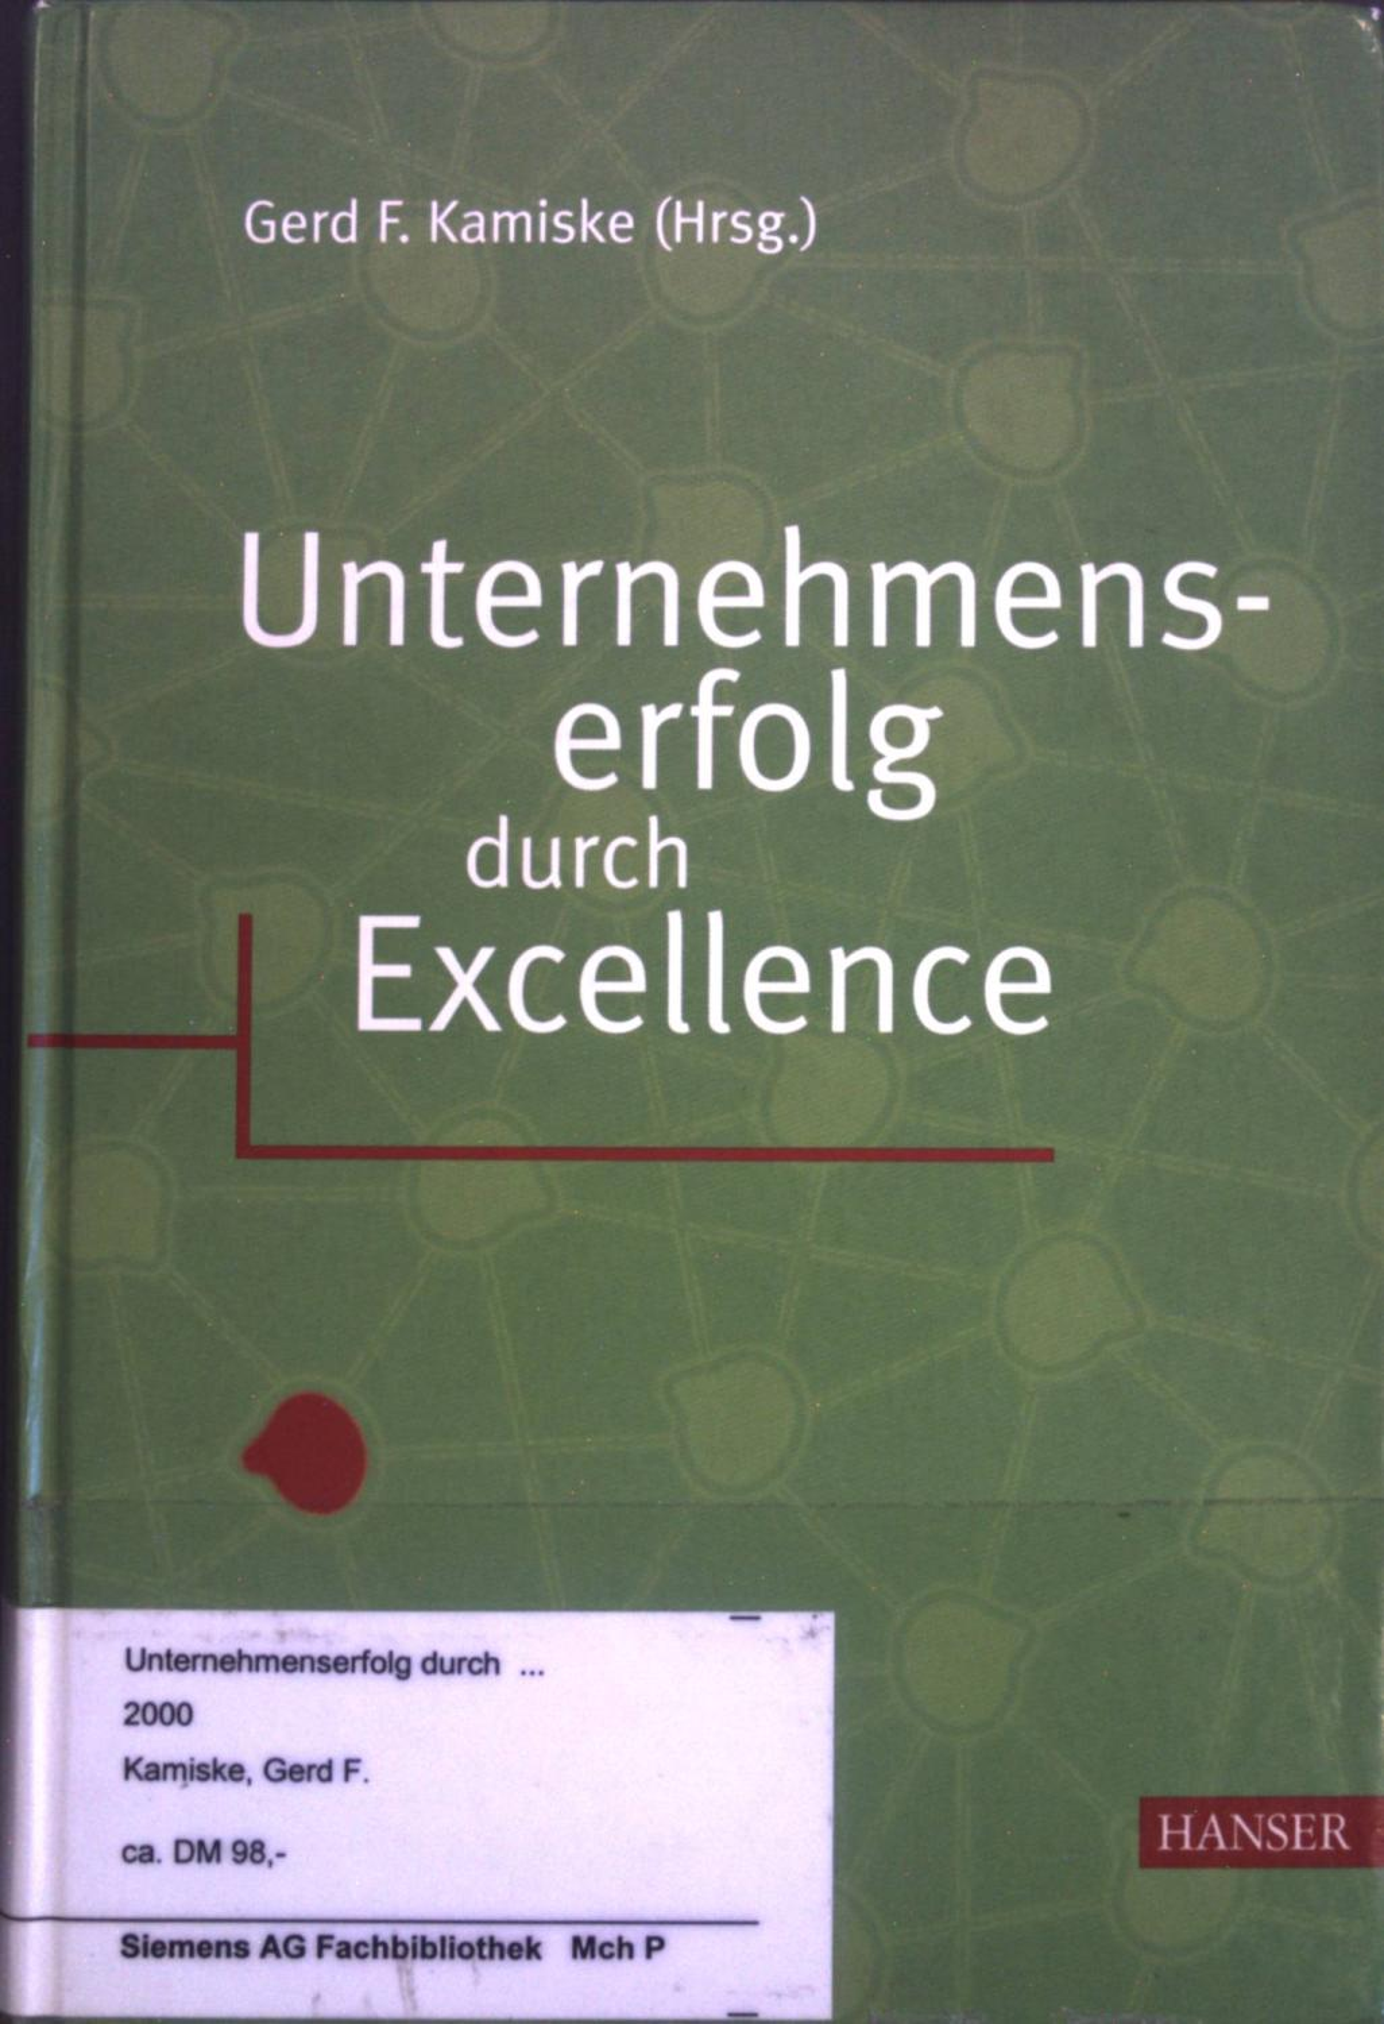 Unternehmenserfolg durch Excellence.: Kamiske, Gerd F.: